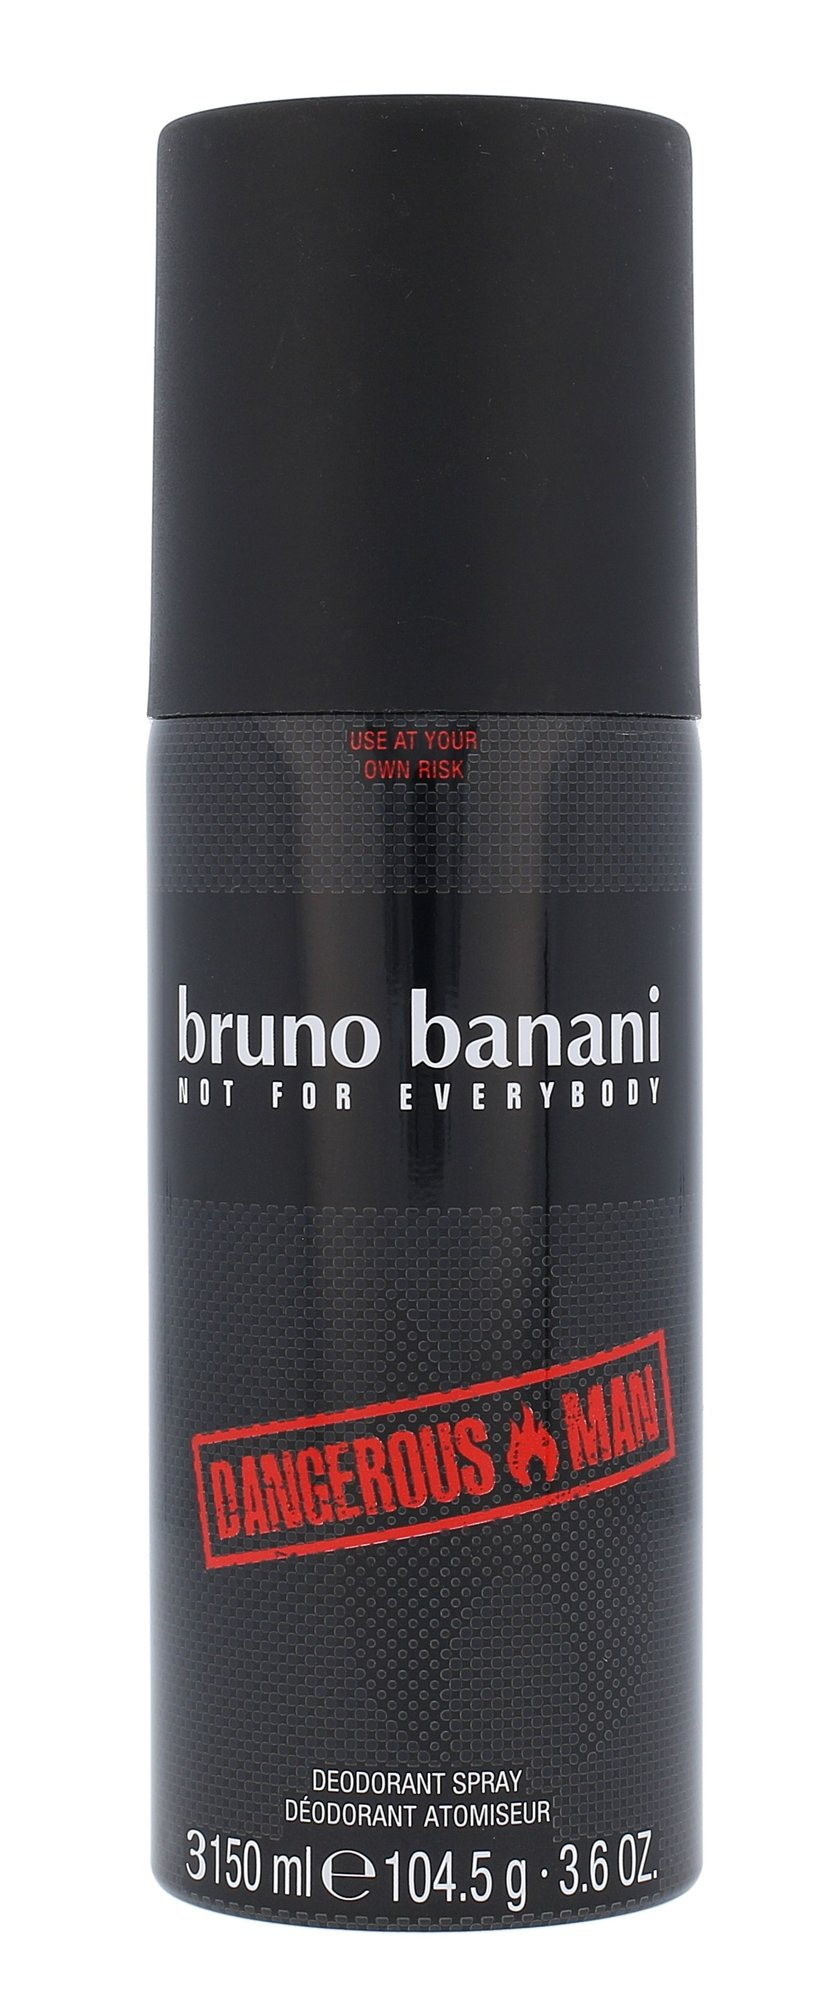 Bruno Banani Dangerous Man Deodorant 150ml